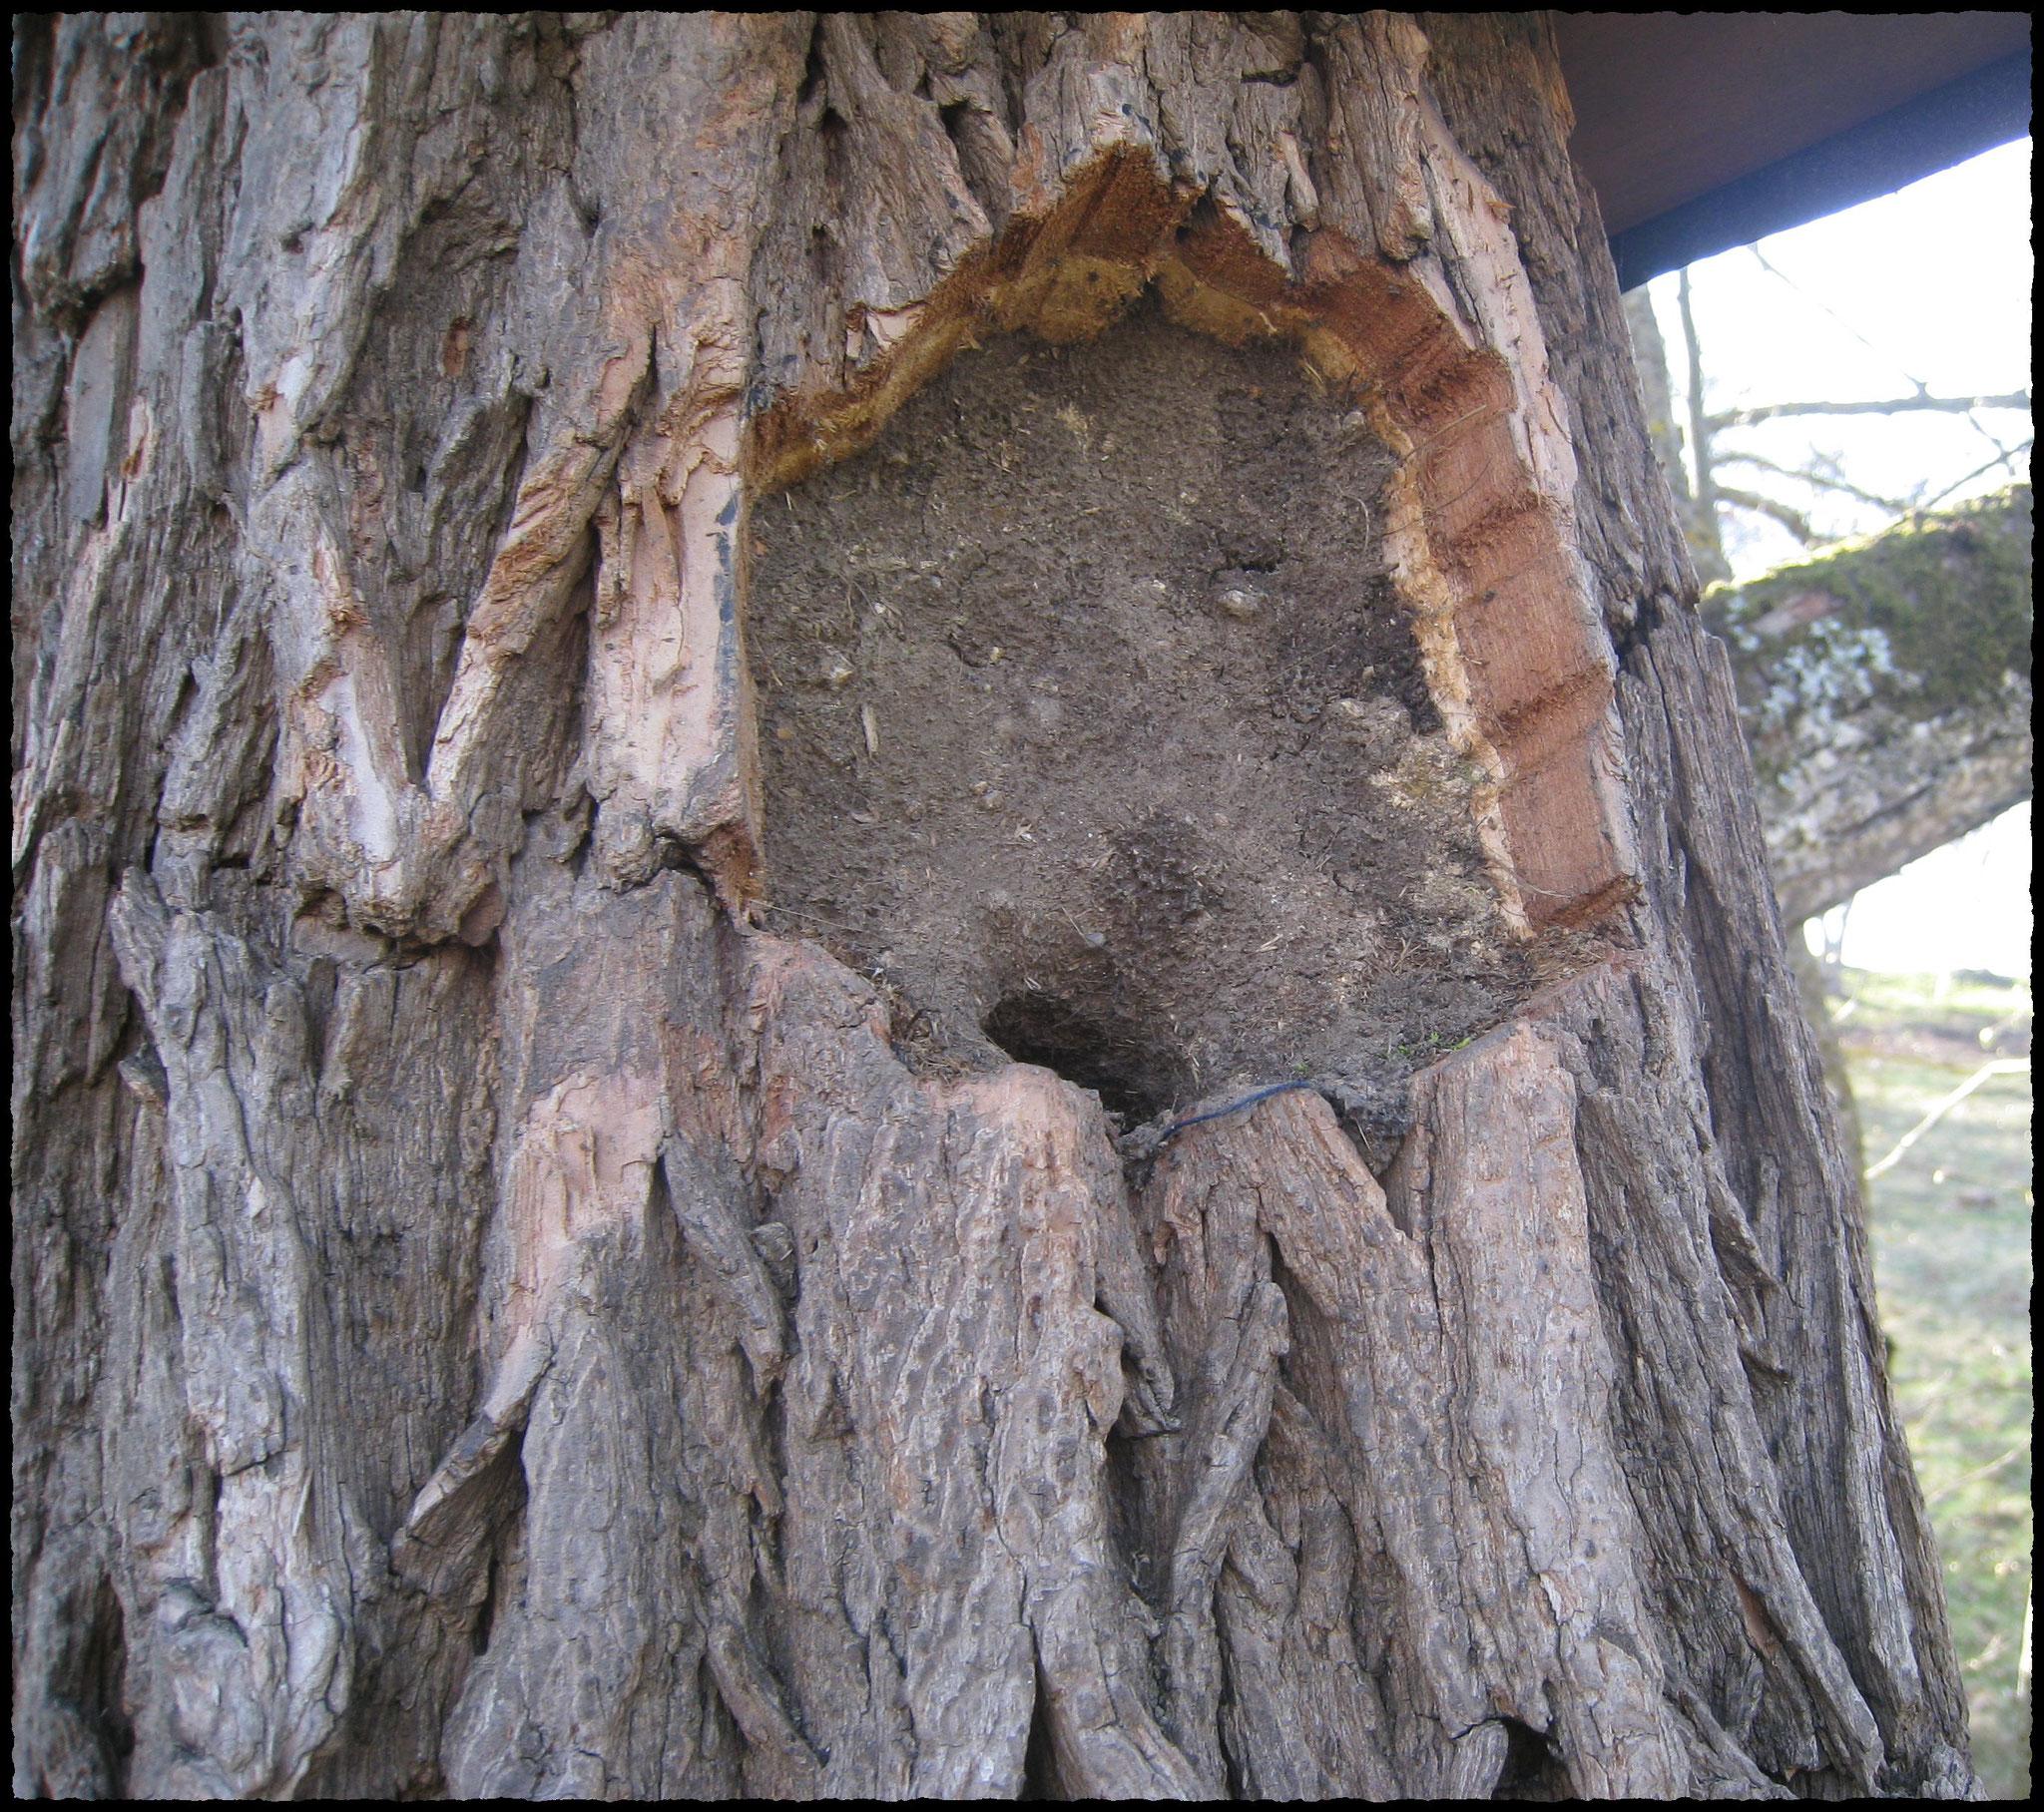 sogar das Einflugloch eines Waldkauzkastens (12cm-Loch) wurde zugekleistert